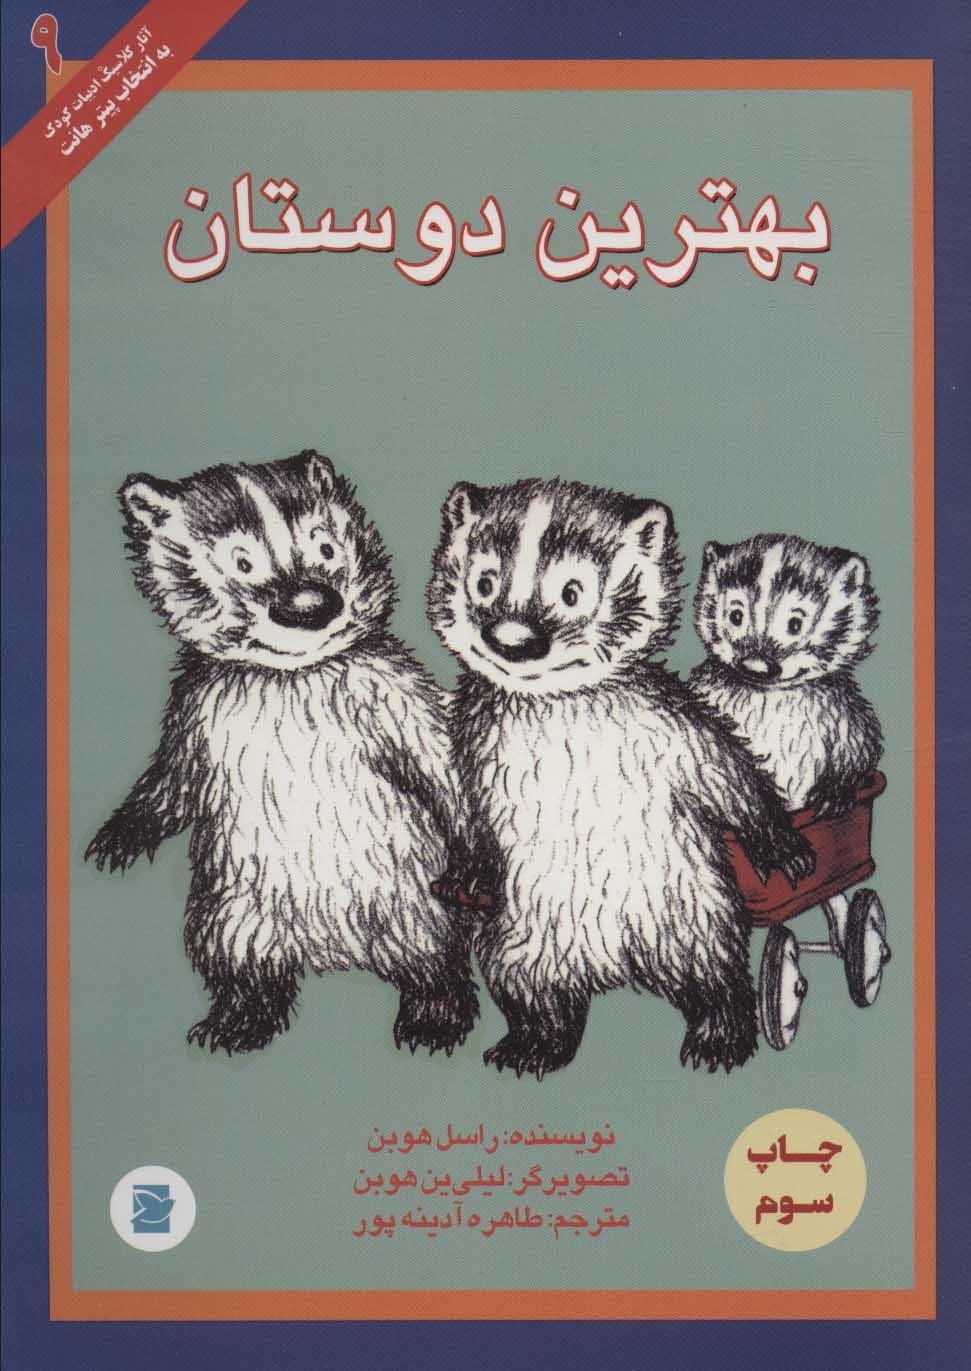 کتاب بهترین دوستان